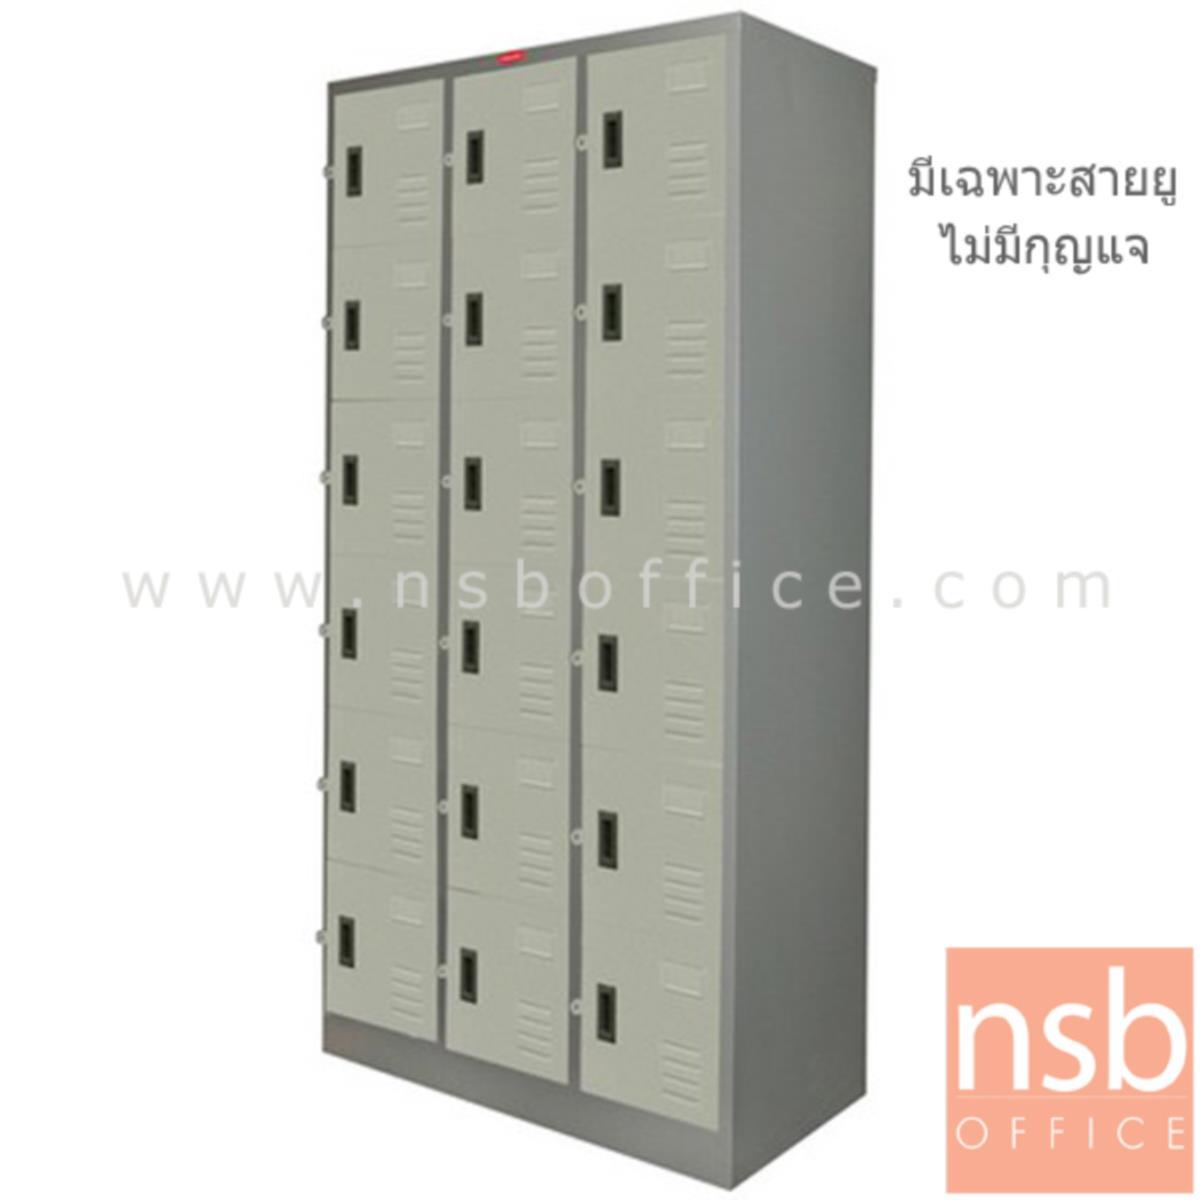 E03A035:ตู้ล็อกเกอร์ 18 ประตู   รุ่น PK-018 (ไม่มีกุญแจ มีเฉพาะสายยู)